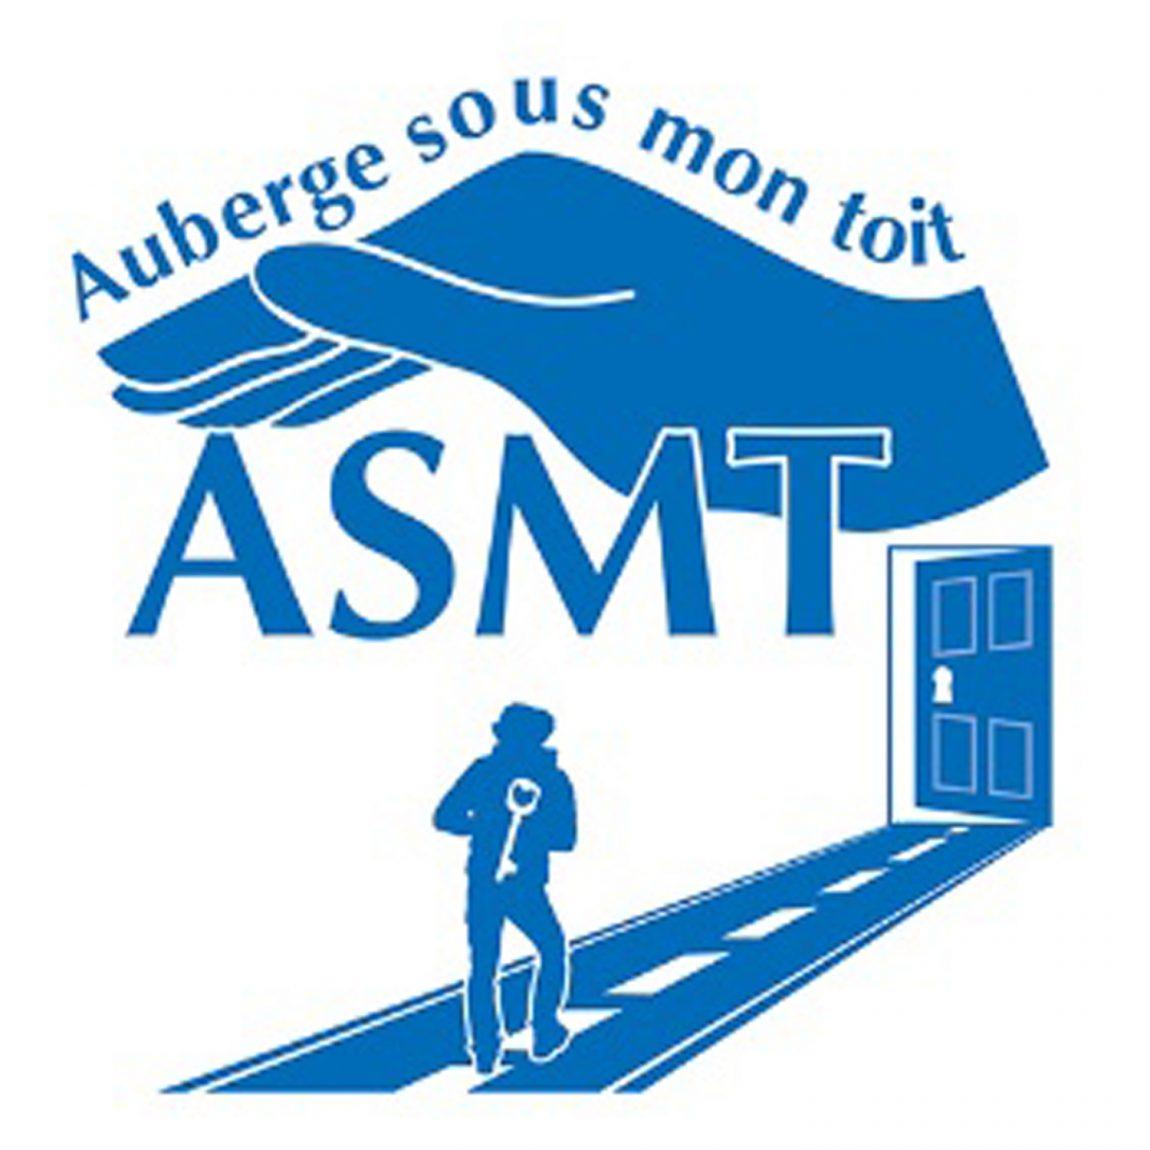 ASMT.jpg